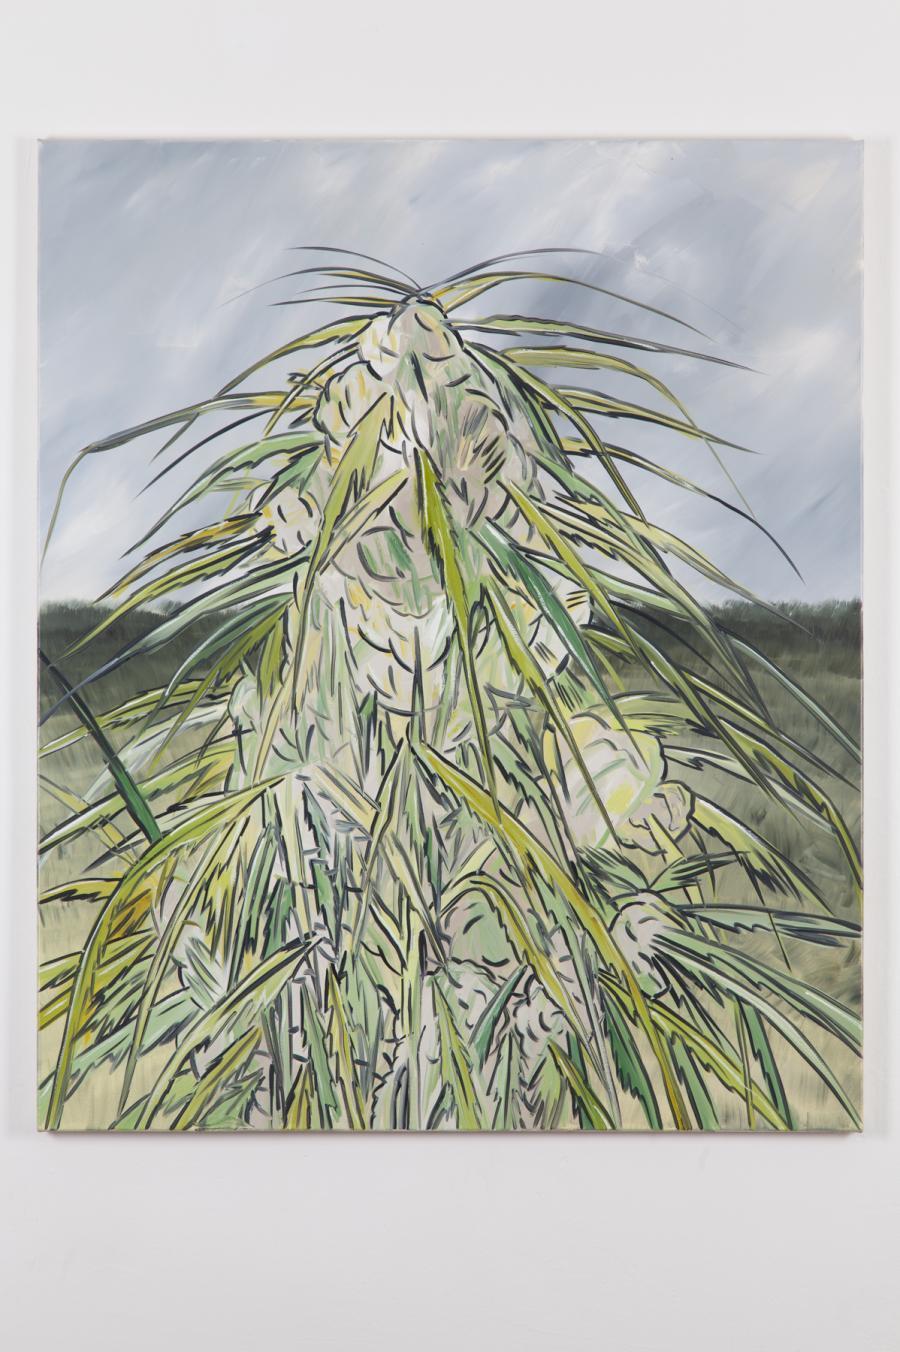 Alex Ruthner, oT, 120 x 100 cm, 2015